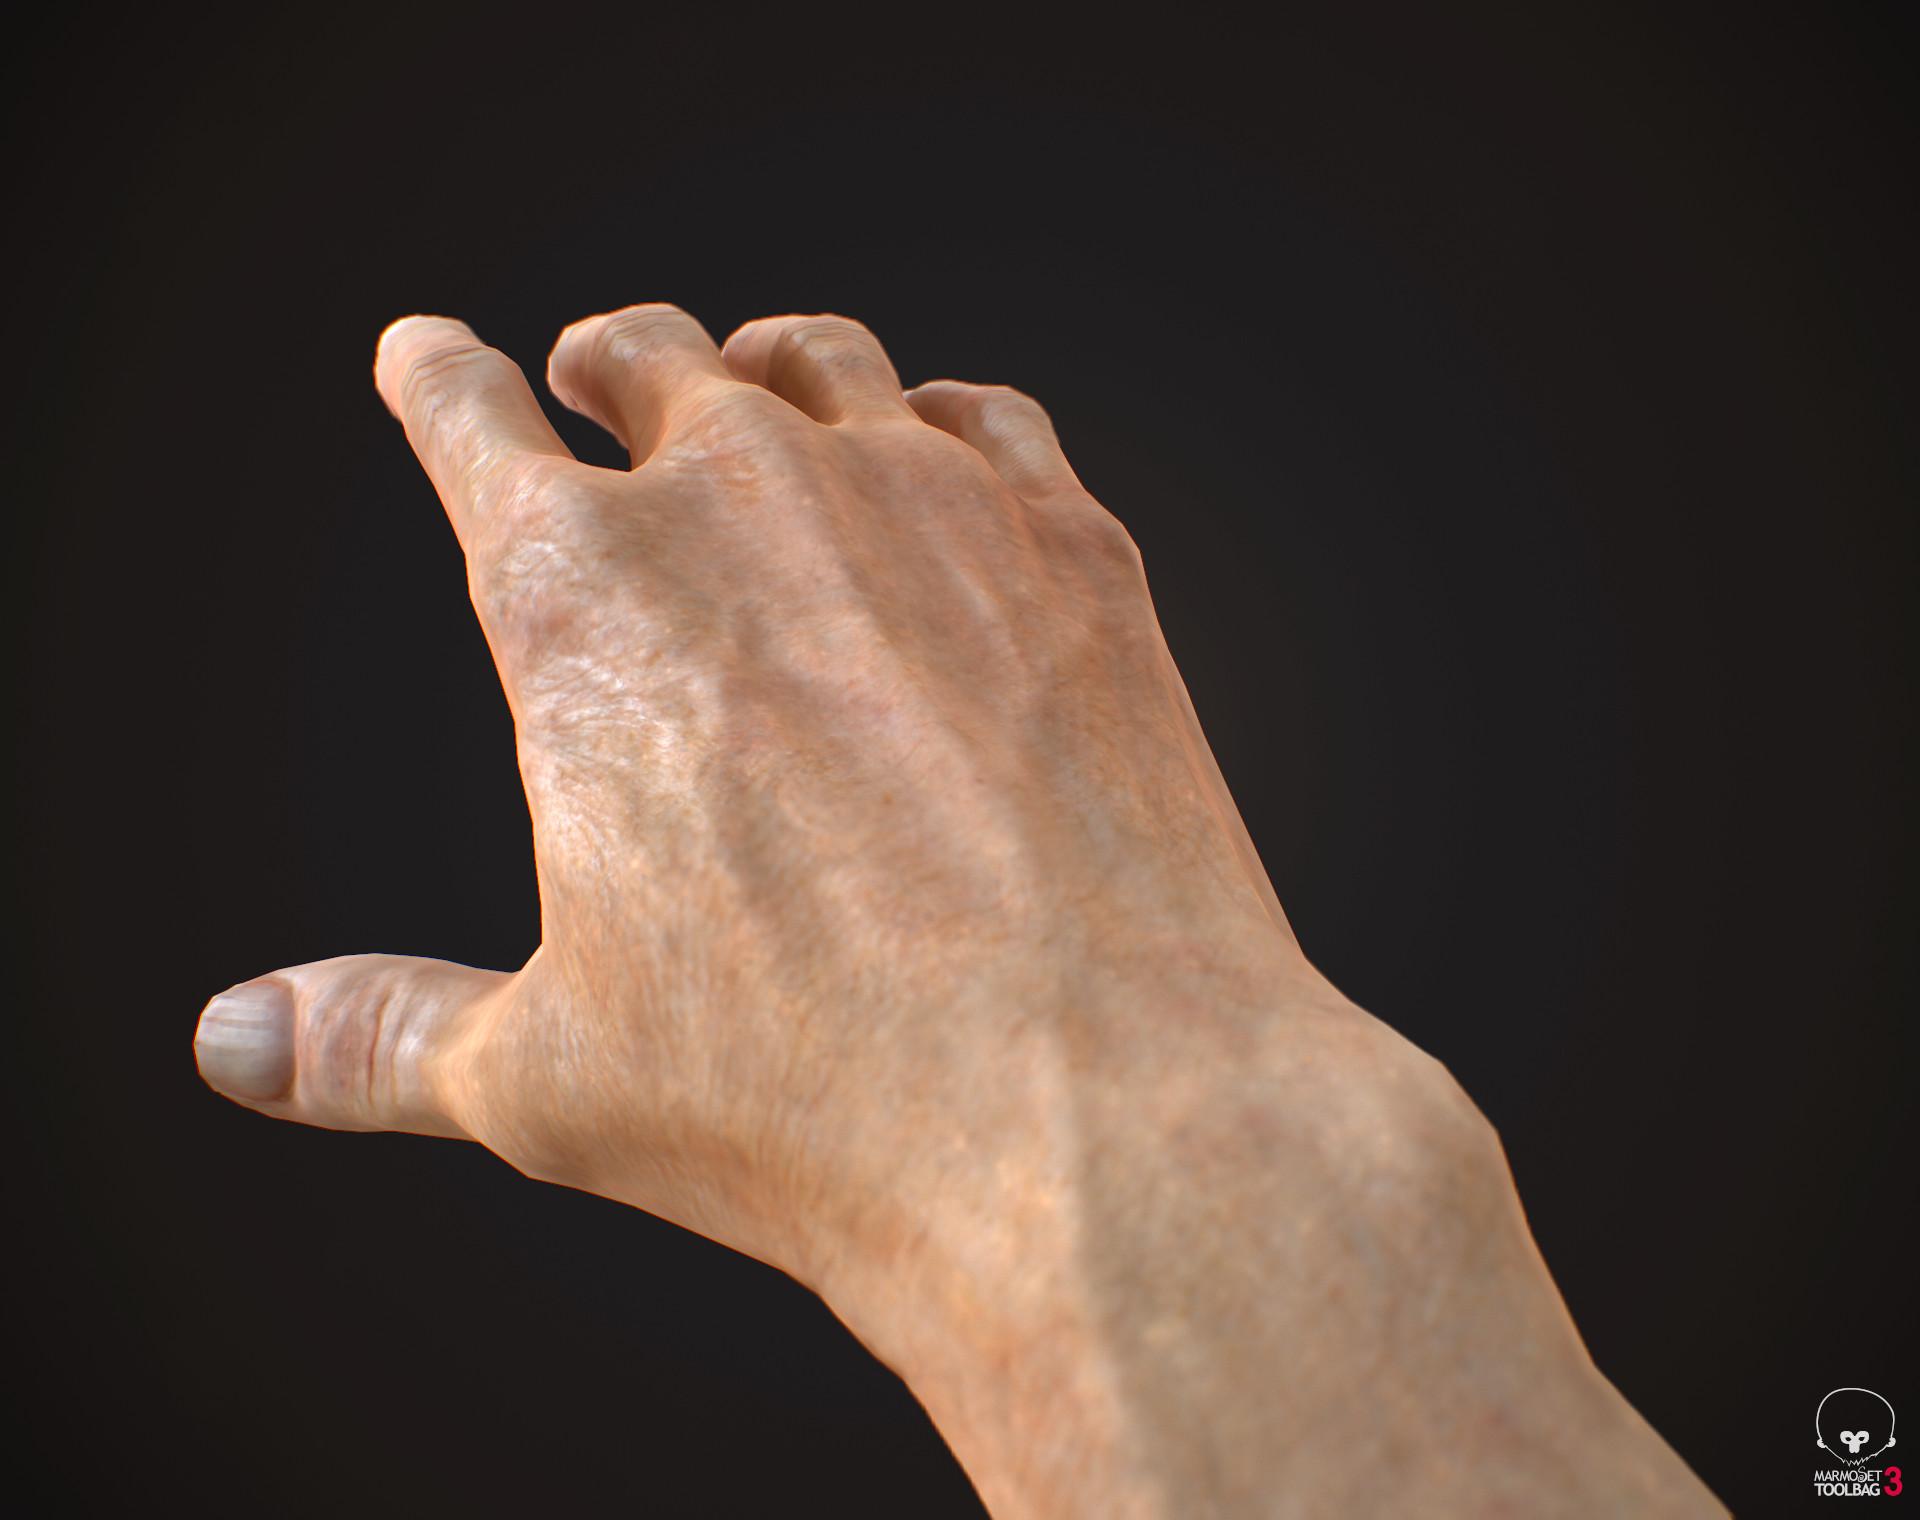 Federico abram vr hand 05